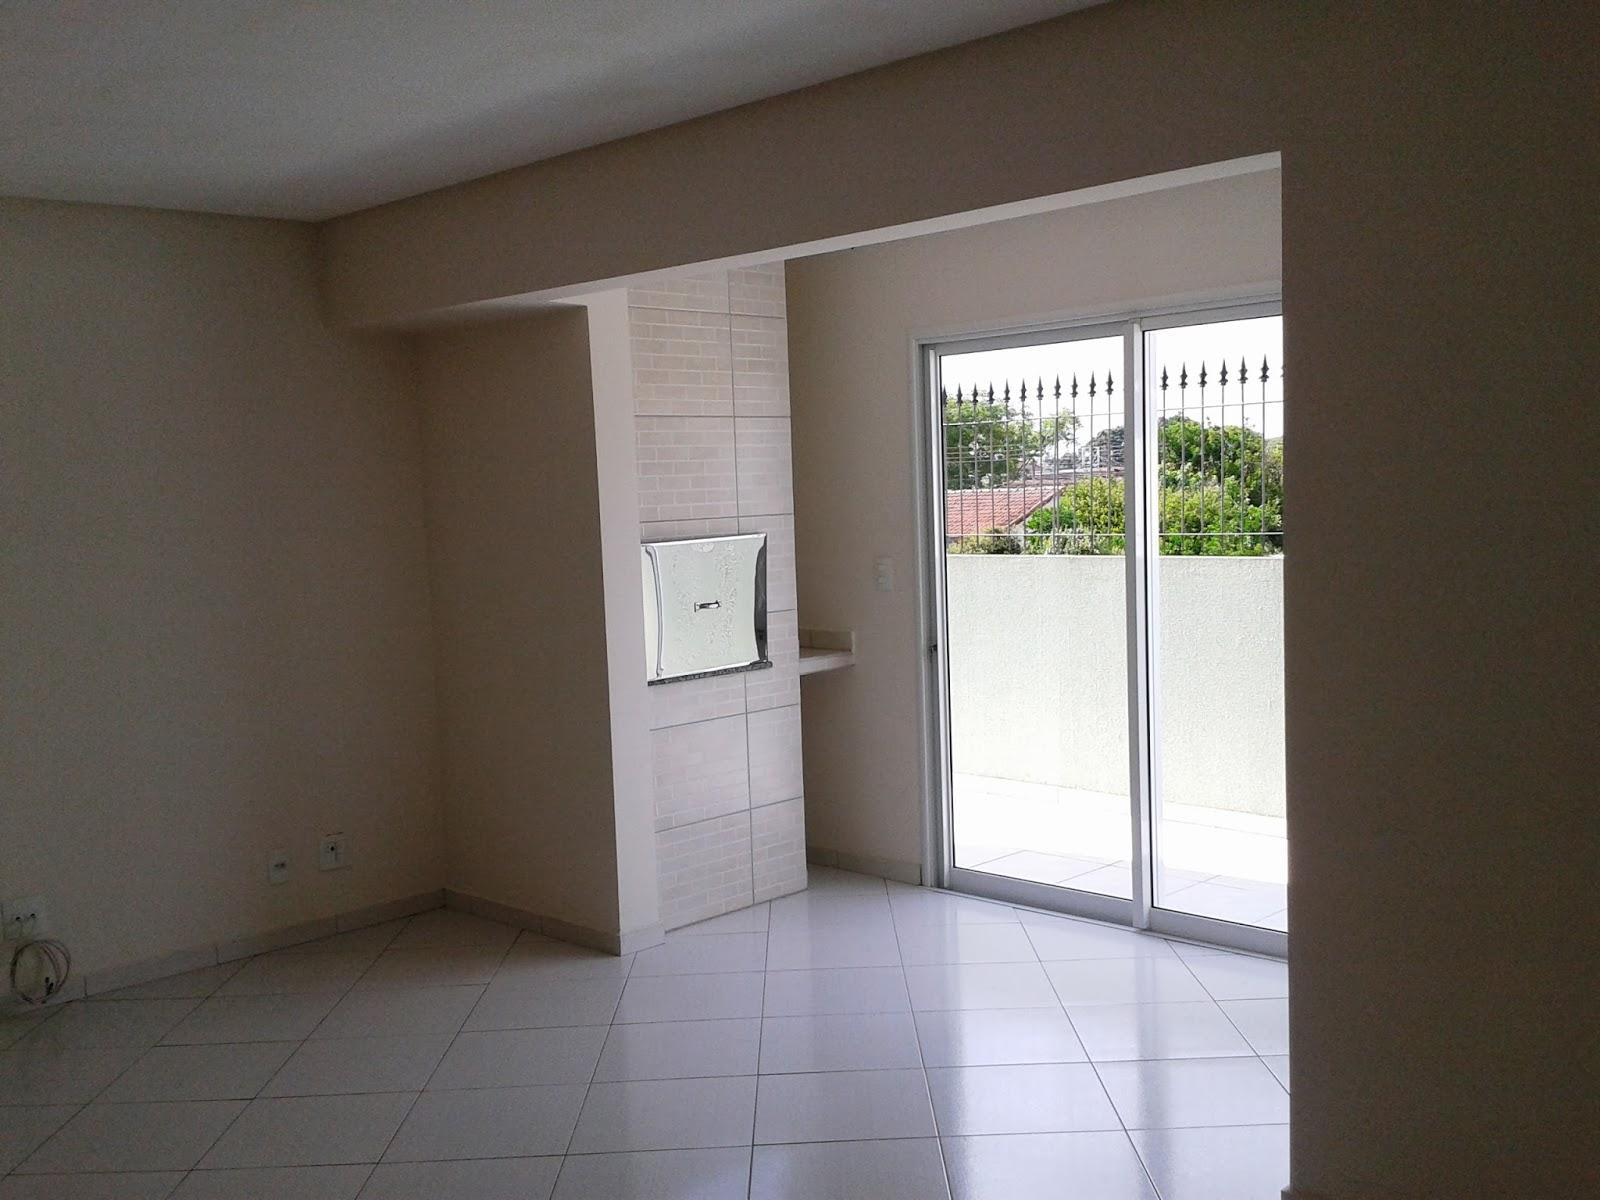 Imagens de #4E6037 Construtora BBrasil: Apartamento em Ponta Grossa para venda 1600x1200 px 2728 Box Banheiro Ponta Grossa